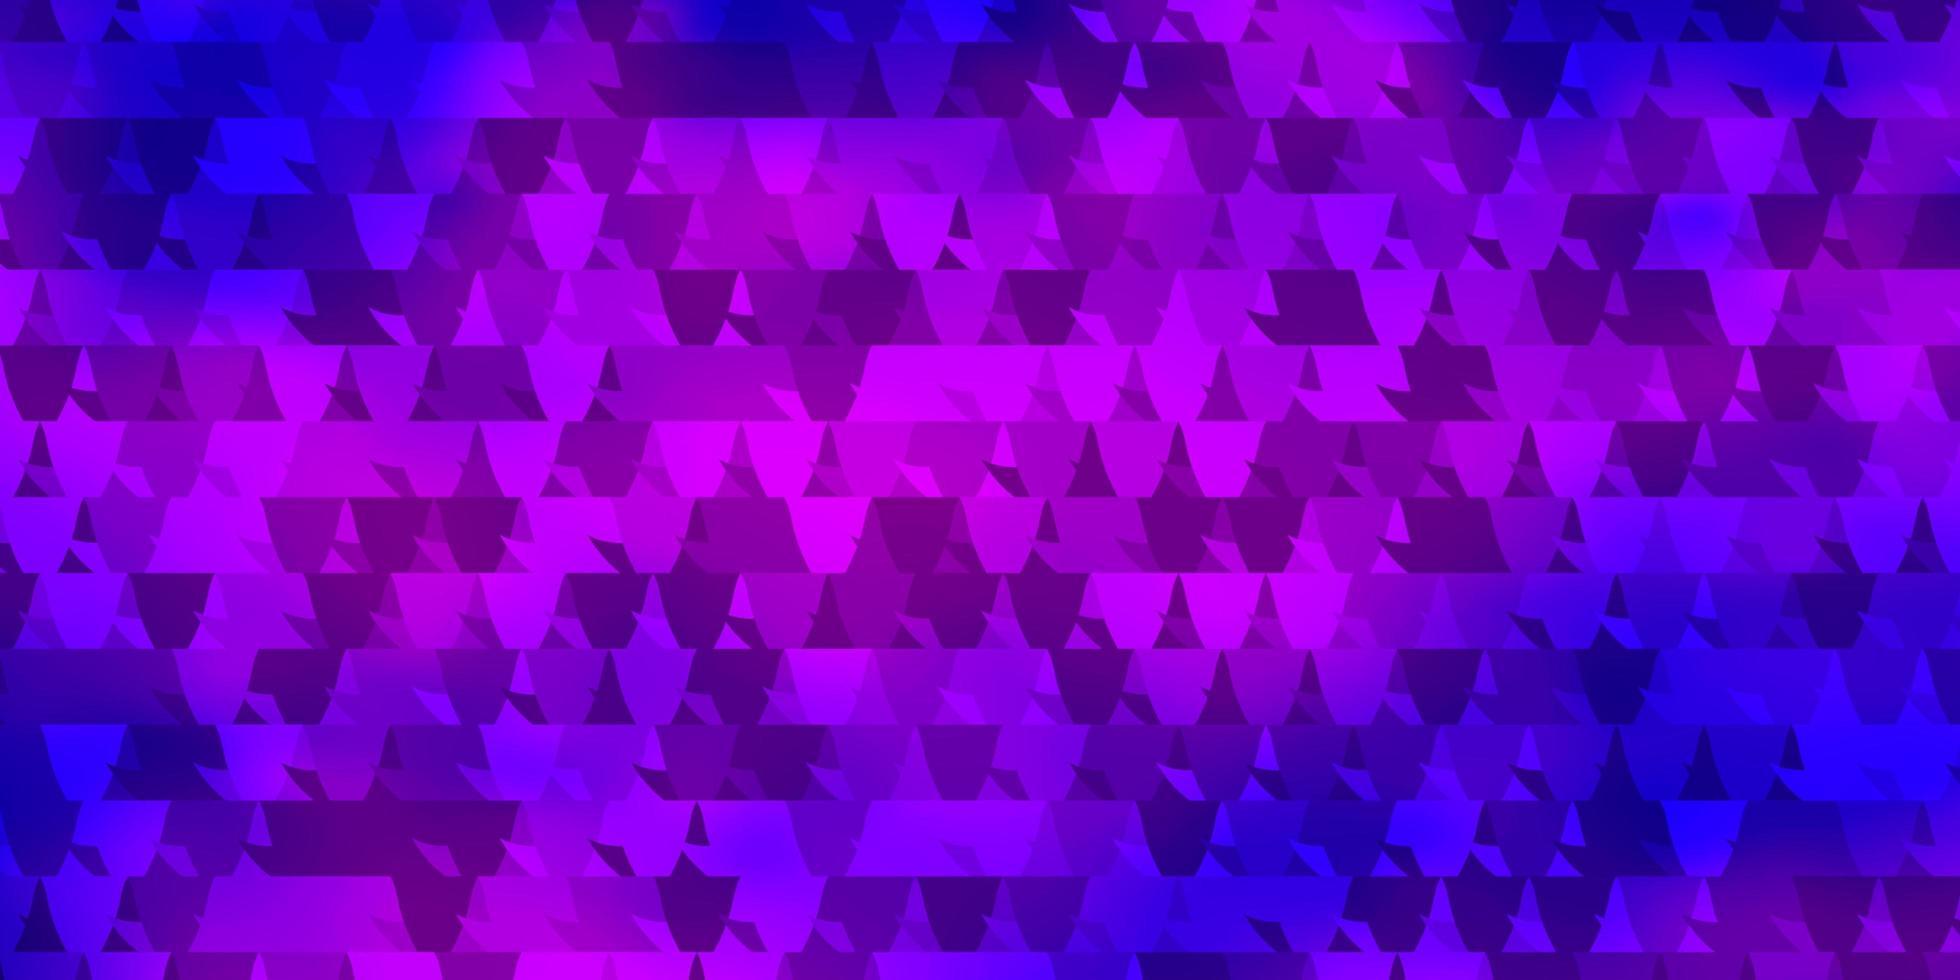 fond de vecteur violet clair, rose avec un style polygonal.